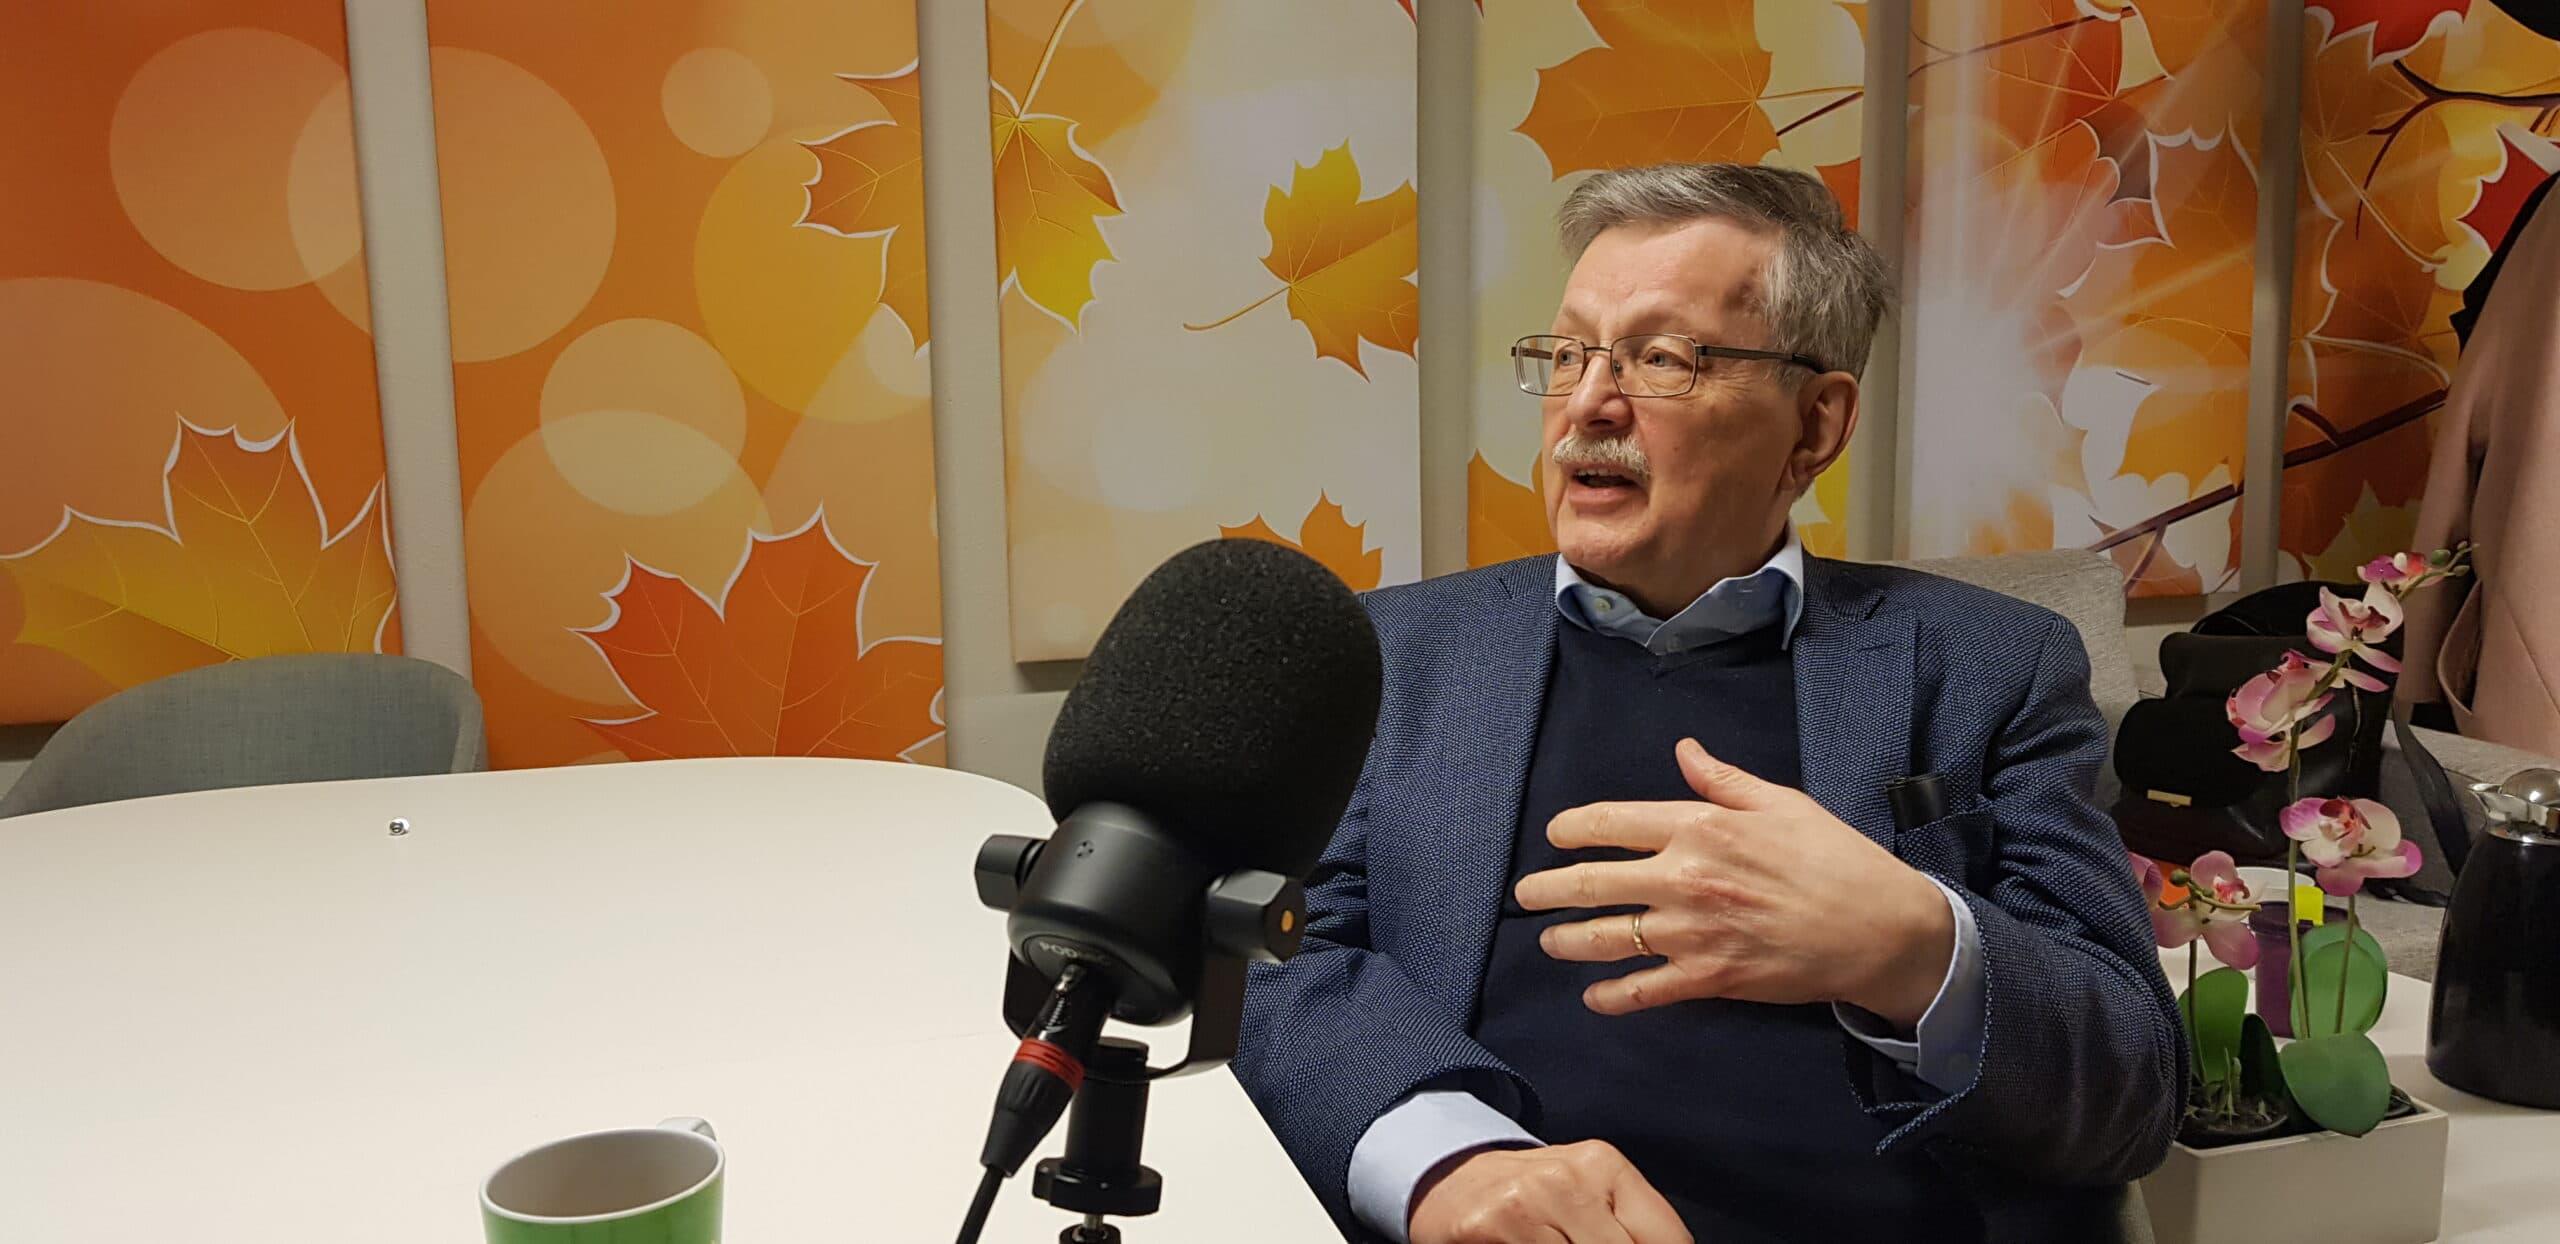 Fredrik Lidman